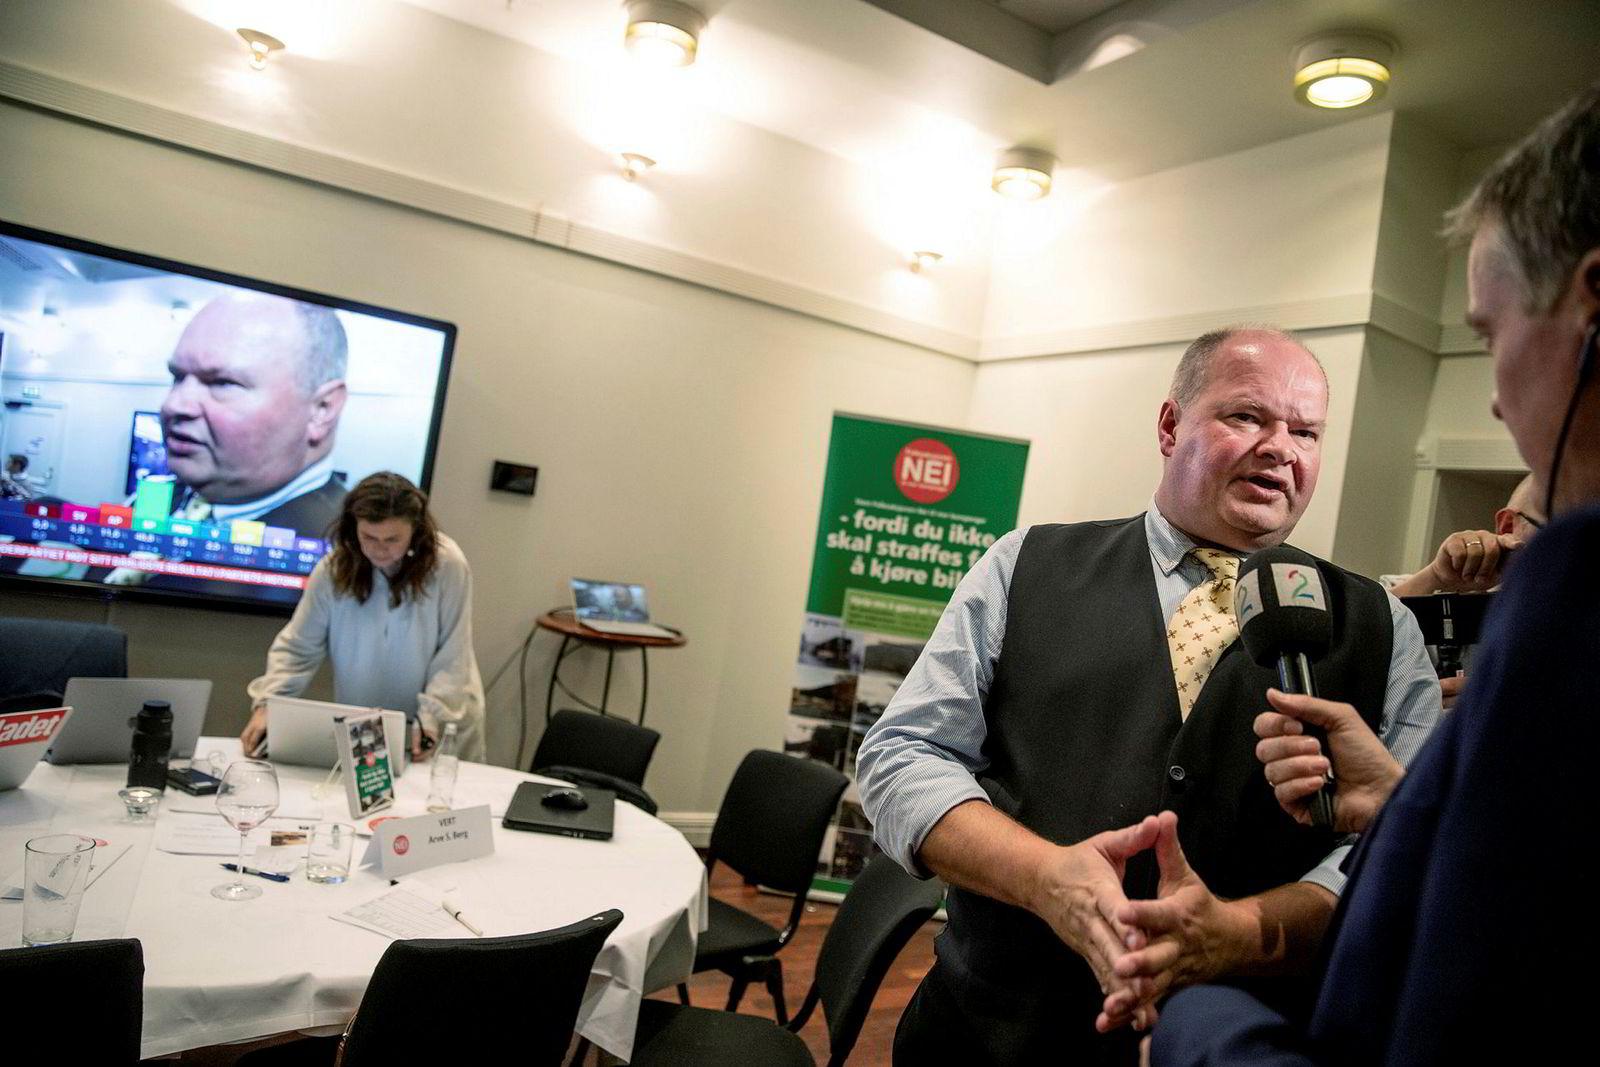 Trym Aafløy og FNB synes å hanke inn nesten like mange stemmer som Arbeiderpartiet og Høyre i Bergen.